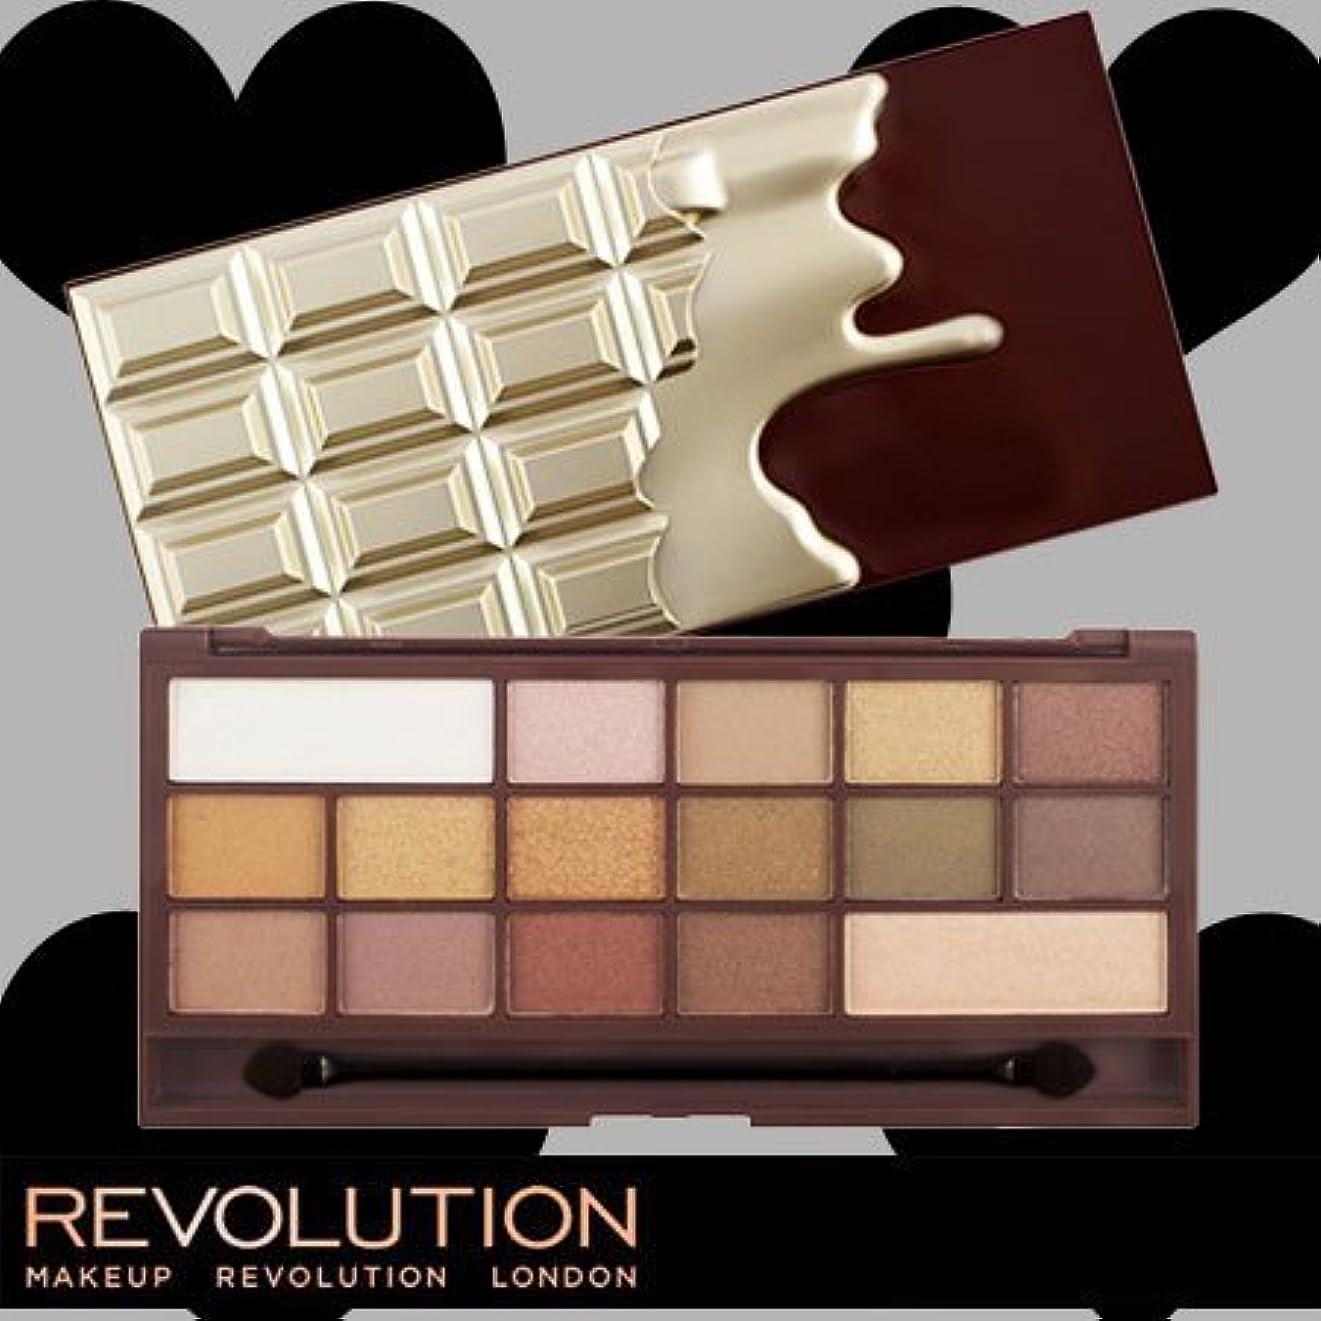 繰り返したコンプライアンス習熟度メイクアップレボリューション アイラブメイクアップ アイラブチョコレート #ゴールデンバー 16色アイシャドウパレット -MAKEUP REVOLUTION-